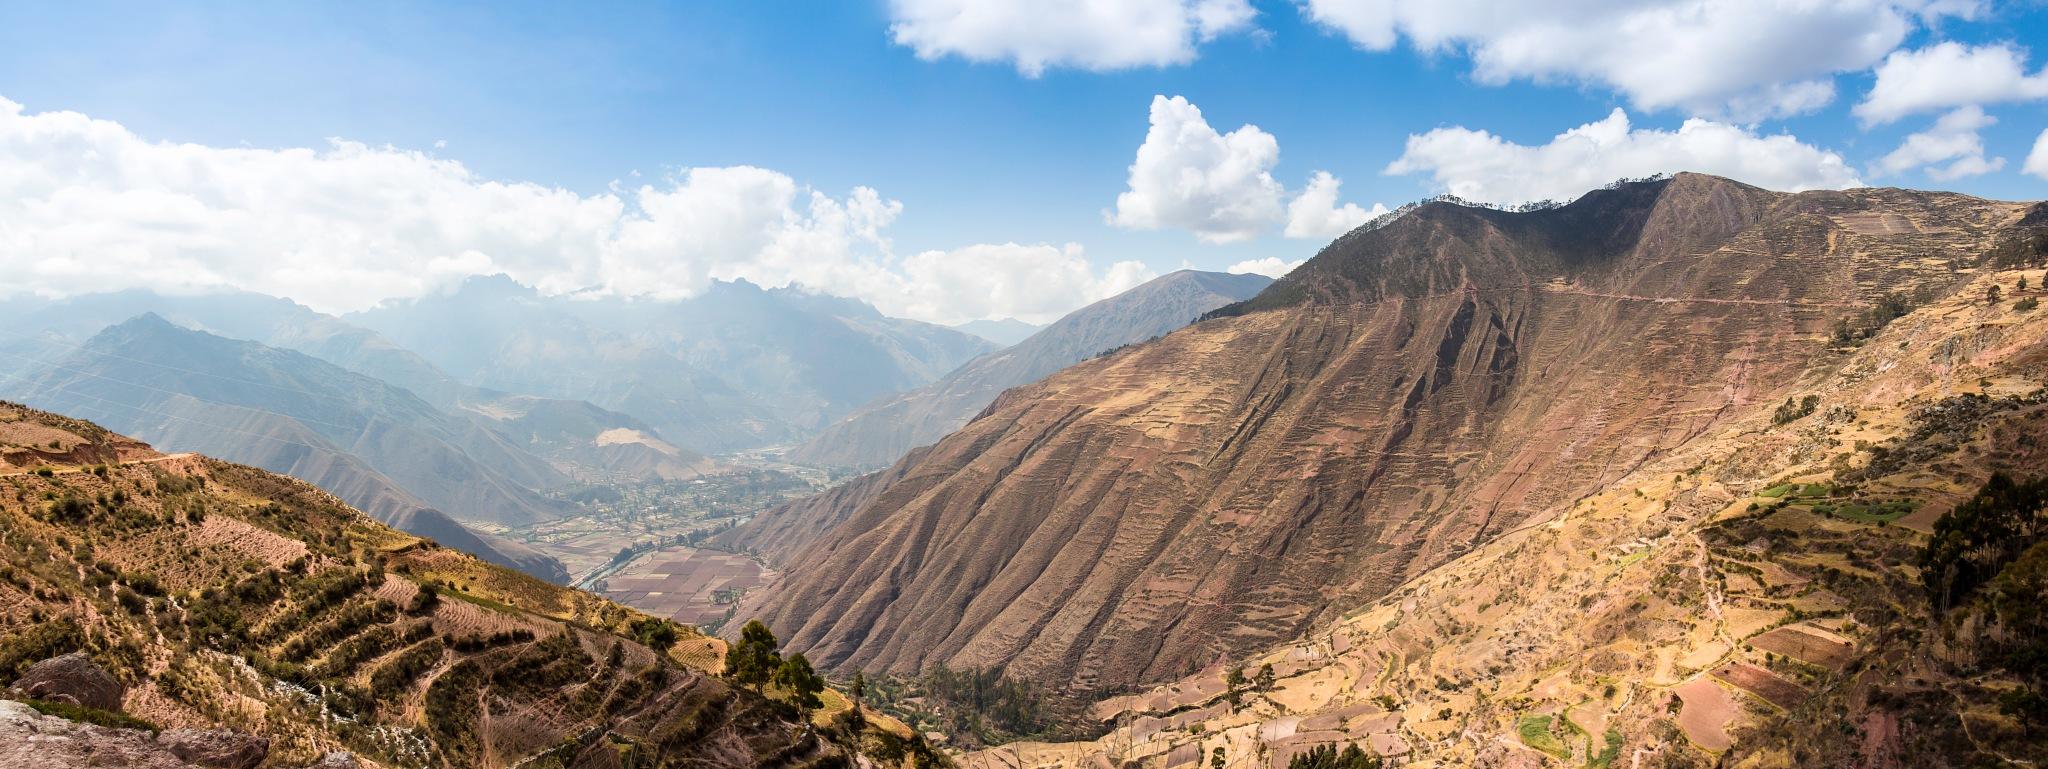 Zipline Cusco by Walter Coz Farje